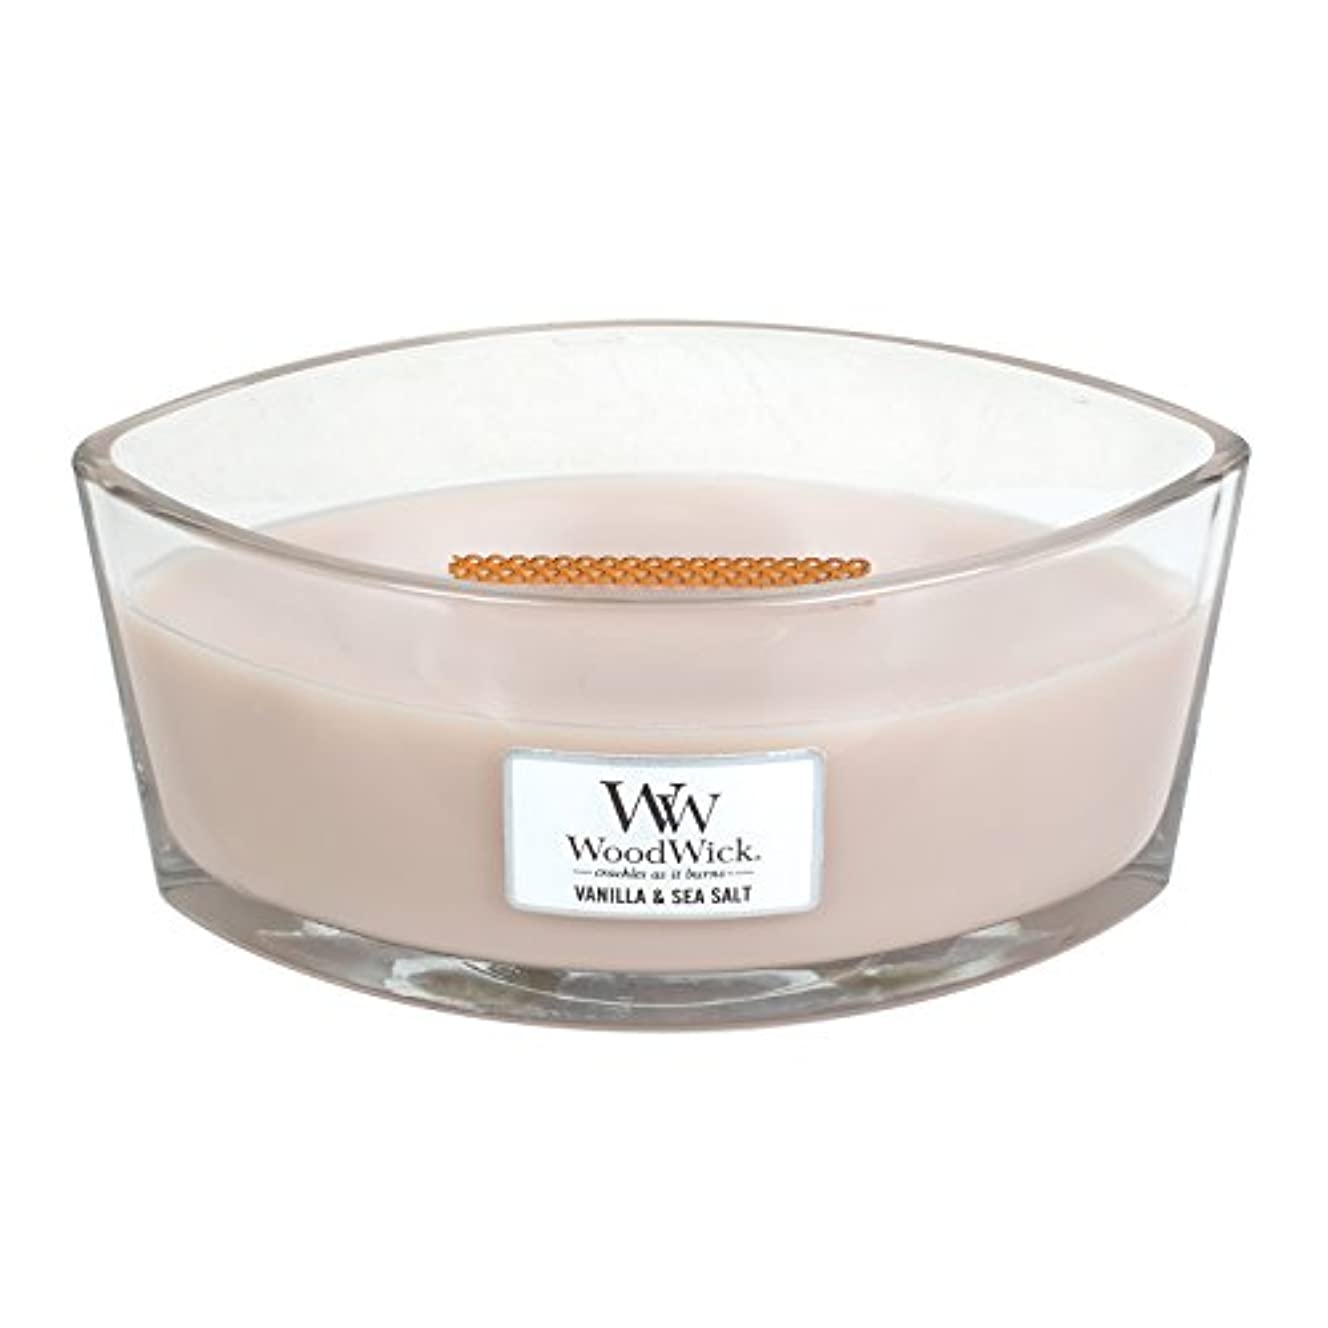 頂点コショウ数学者WoodWick VANILLA & SEA SALT, Highly Scented Candle, Ellipse Glass Jar with Original HearthWick Flame, Large 18cm...